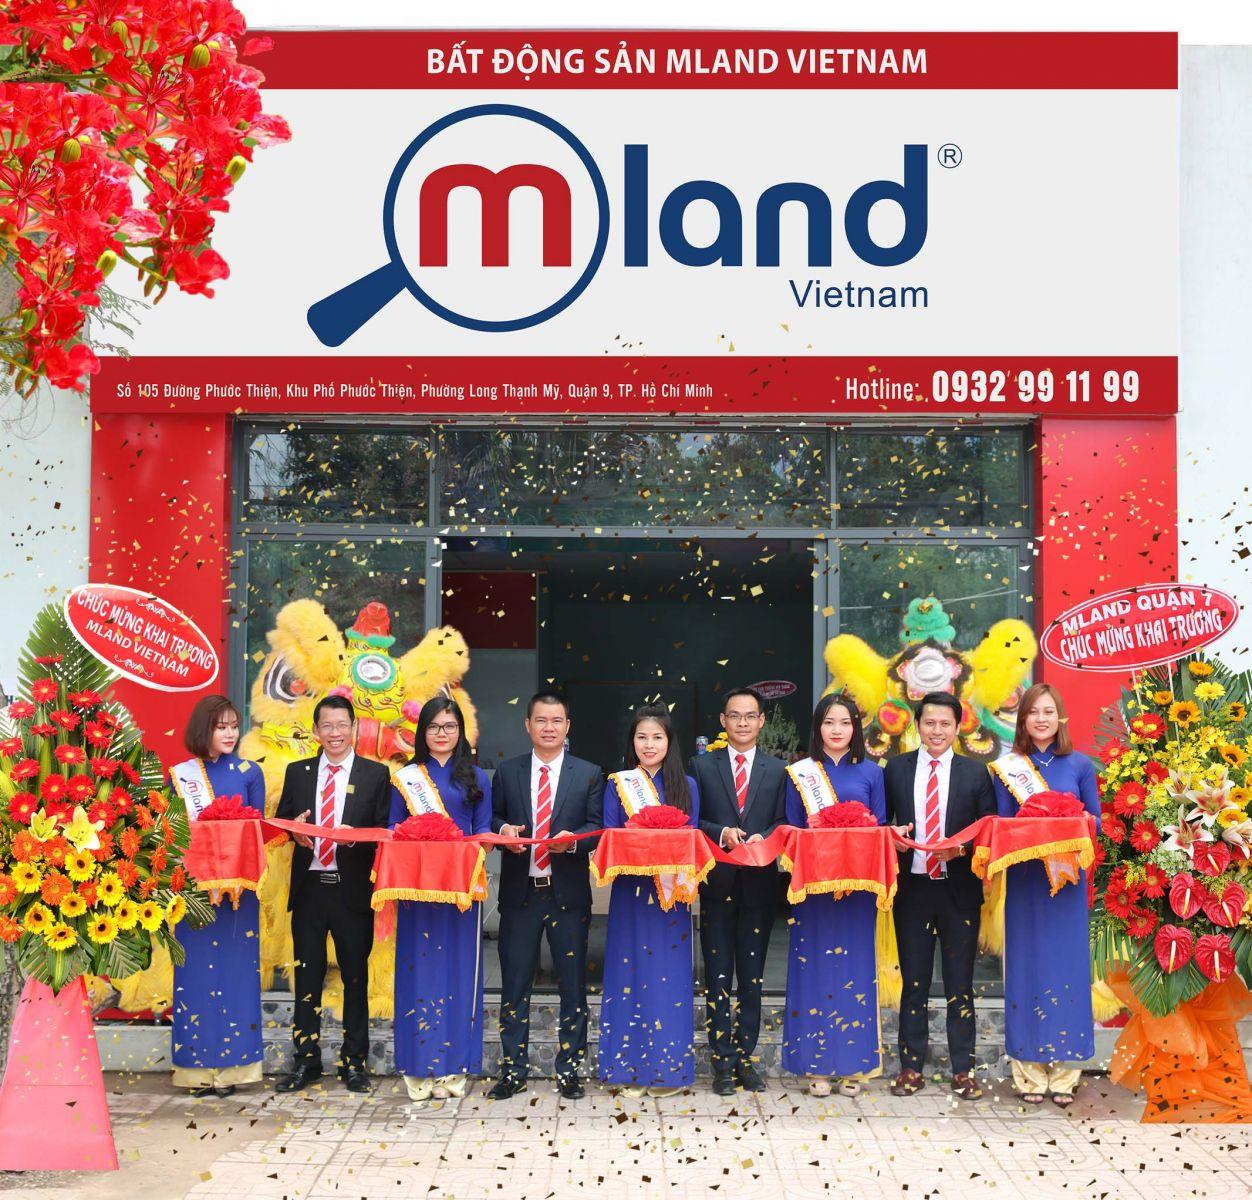 Tưng Bừng Khai Trương Văn Phòng MLAND Chi Nhánh Quận 2, Quận 9